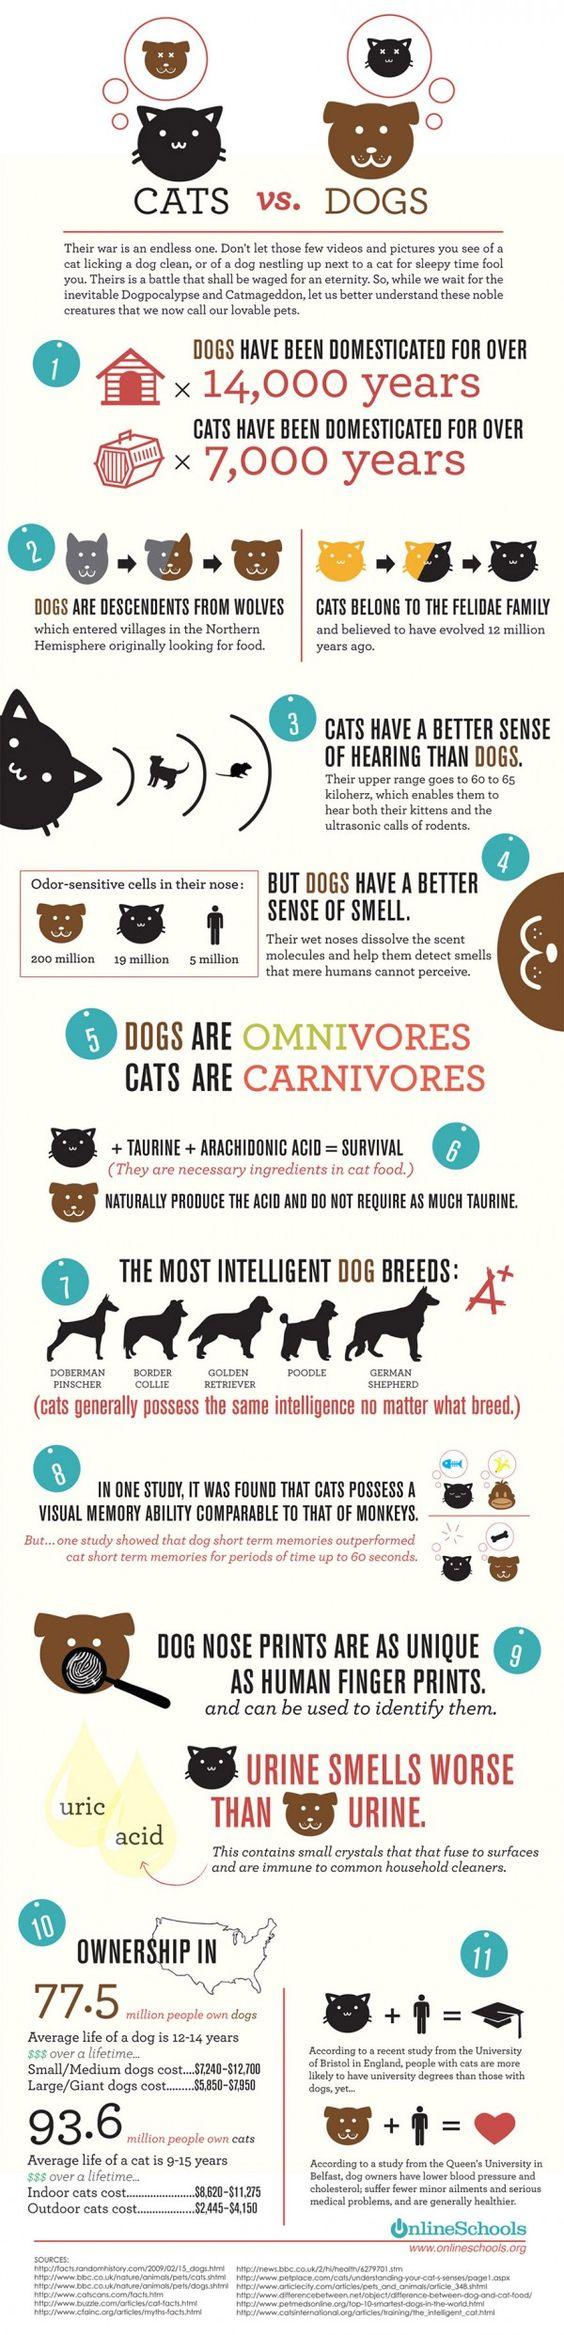 Una interessante infografica mette a confronto cani e gatti presentando le principali differenze evolutive, biologiche e intellettive tra le due specie più amate dall'uomo, con un riferimento alla loro diffusione tra la popolazione statunitense.